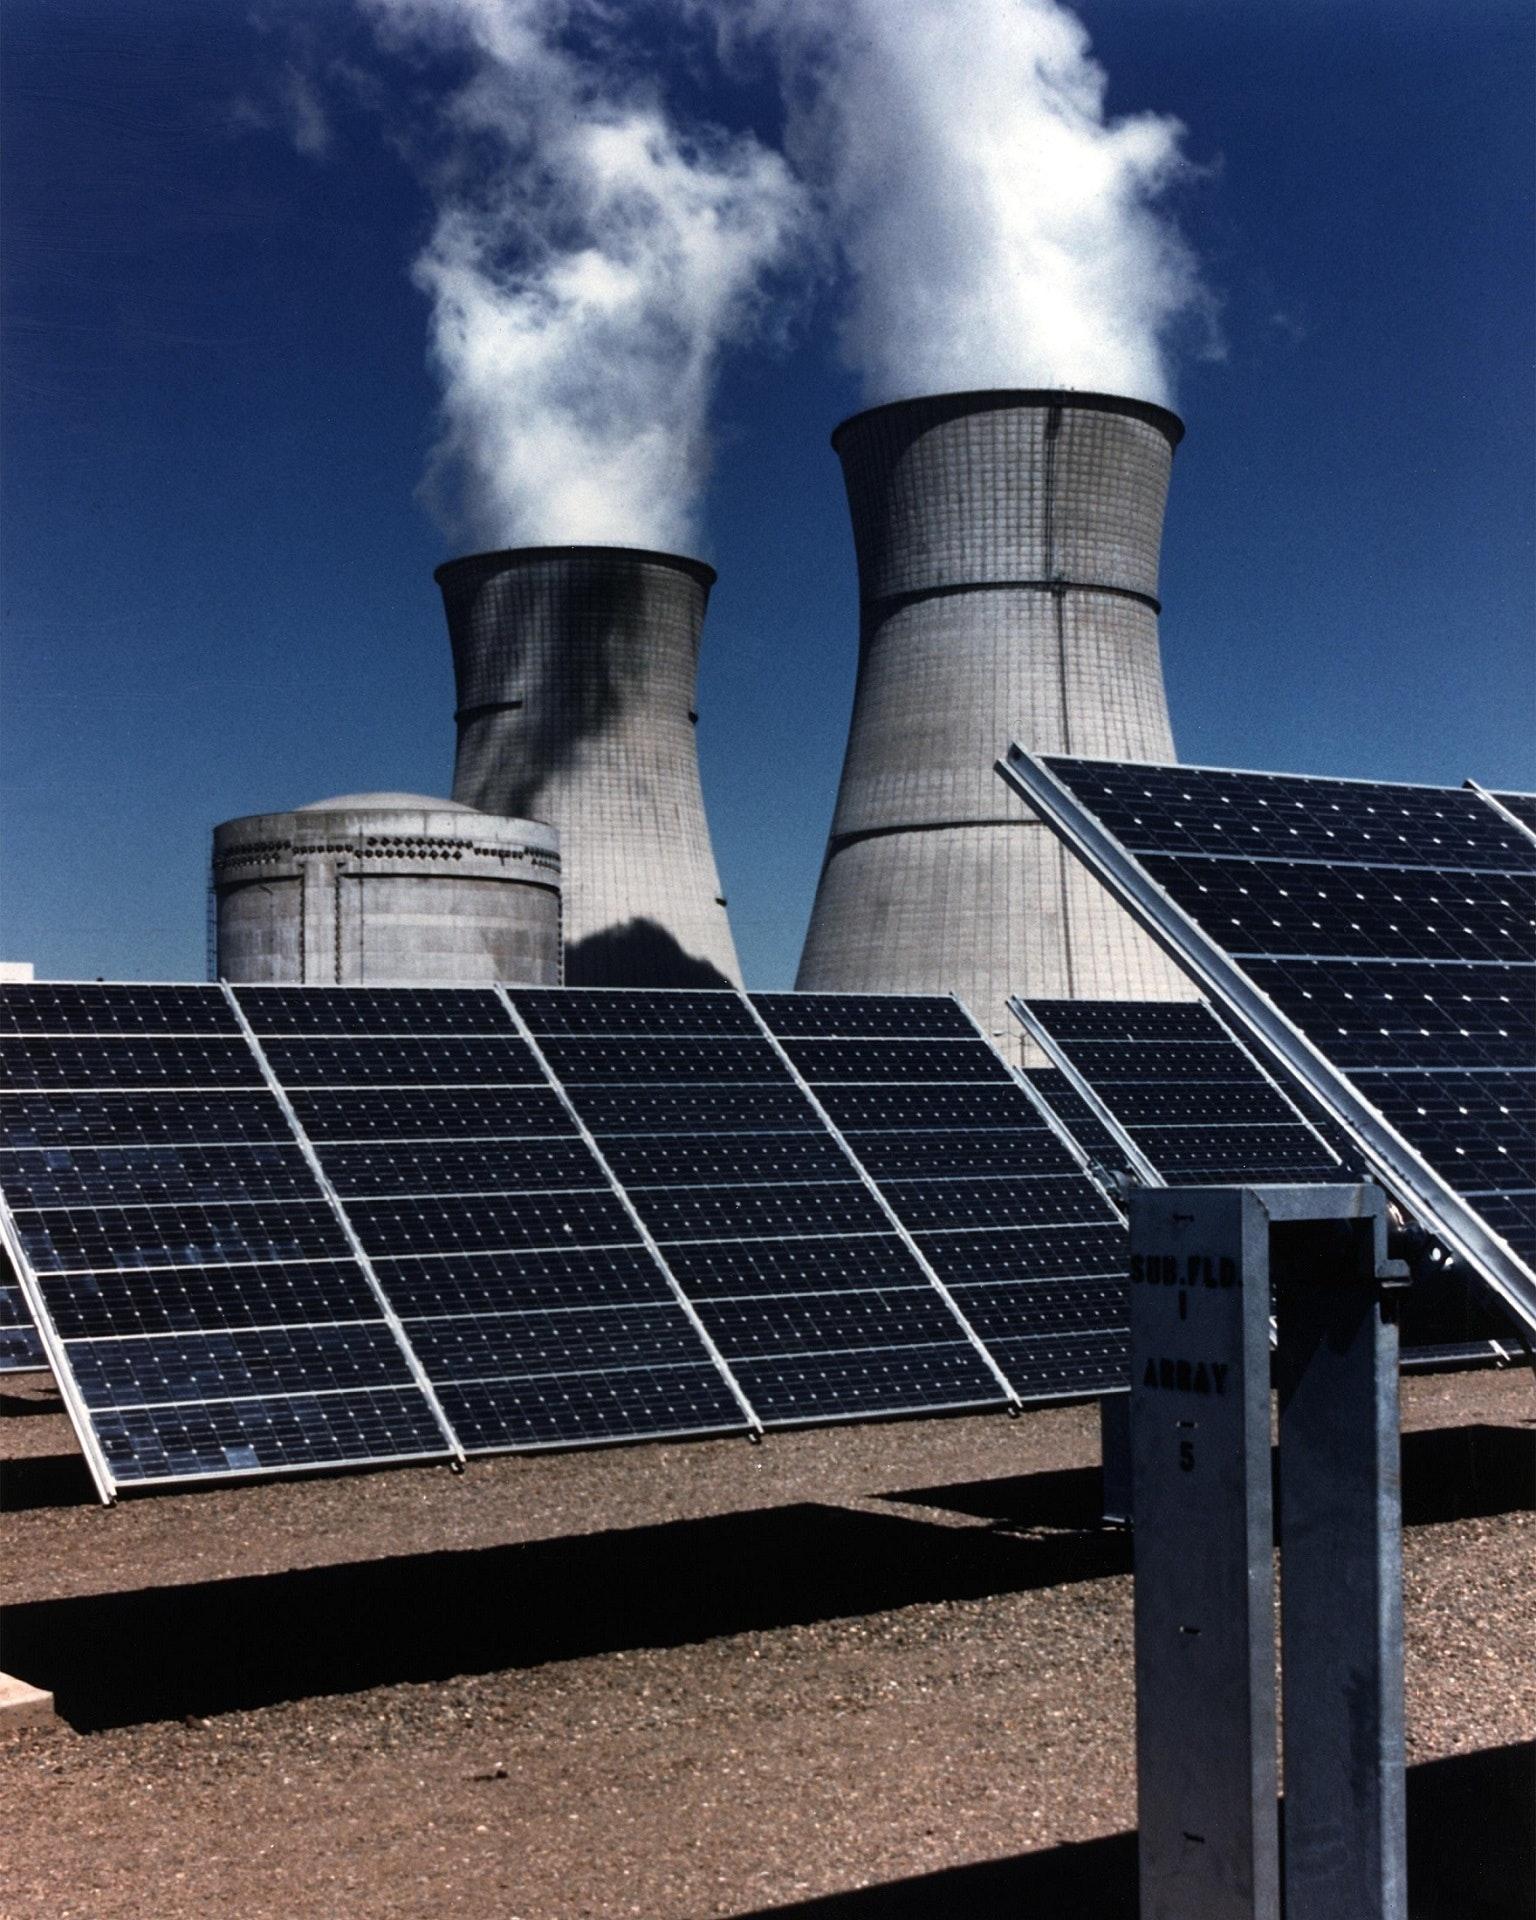 zonnepanelen terugdraaiende teller pv panelen